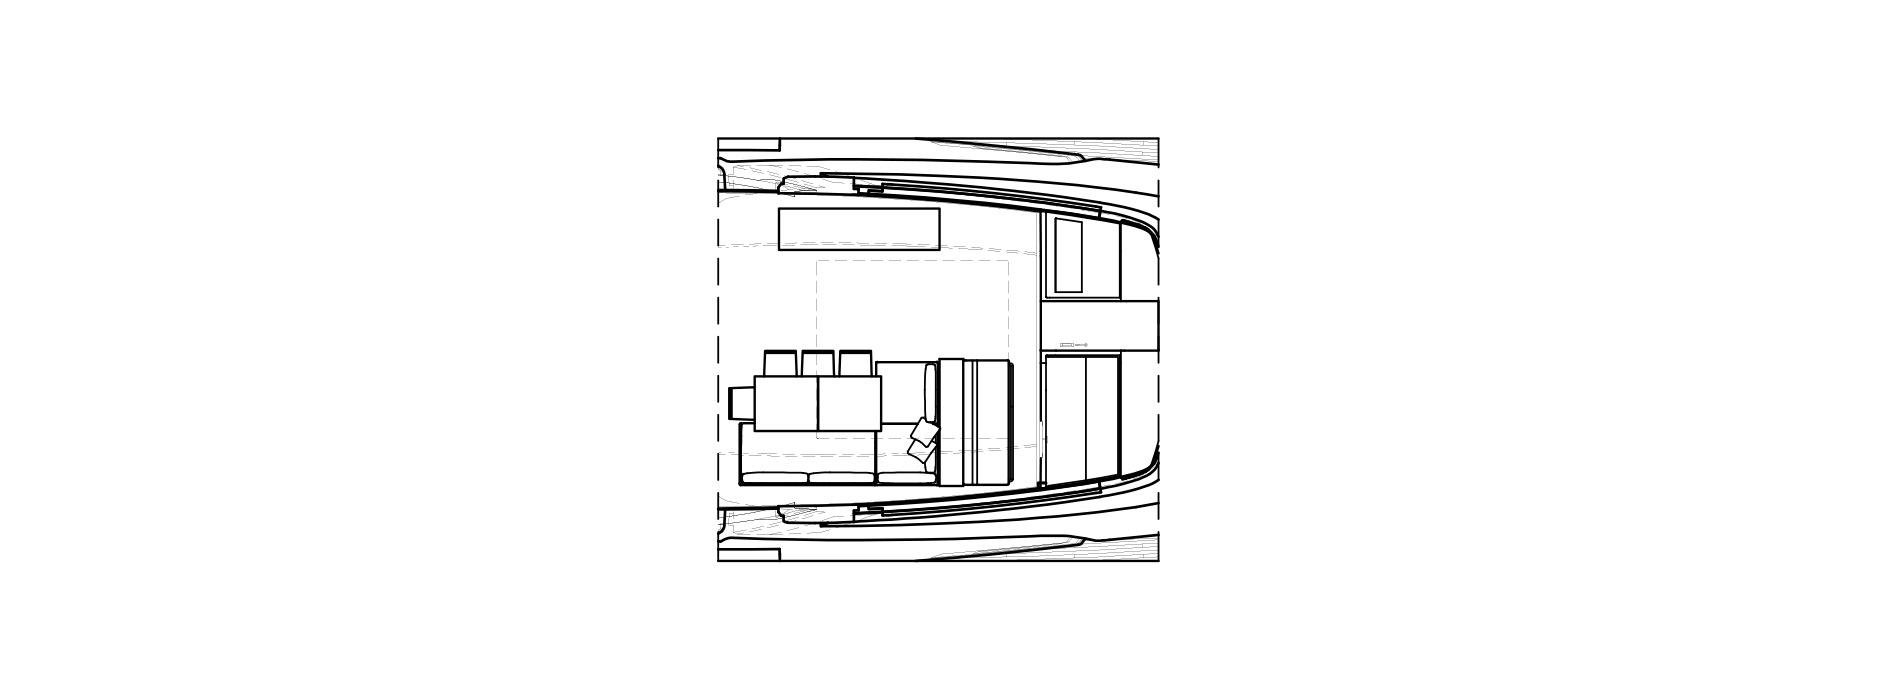 Sanlorenzo Yachts SX88 Details Versione B